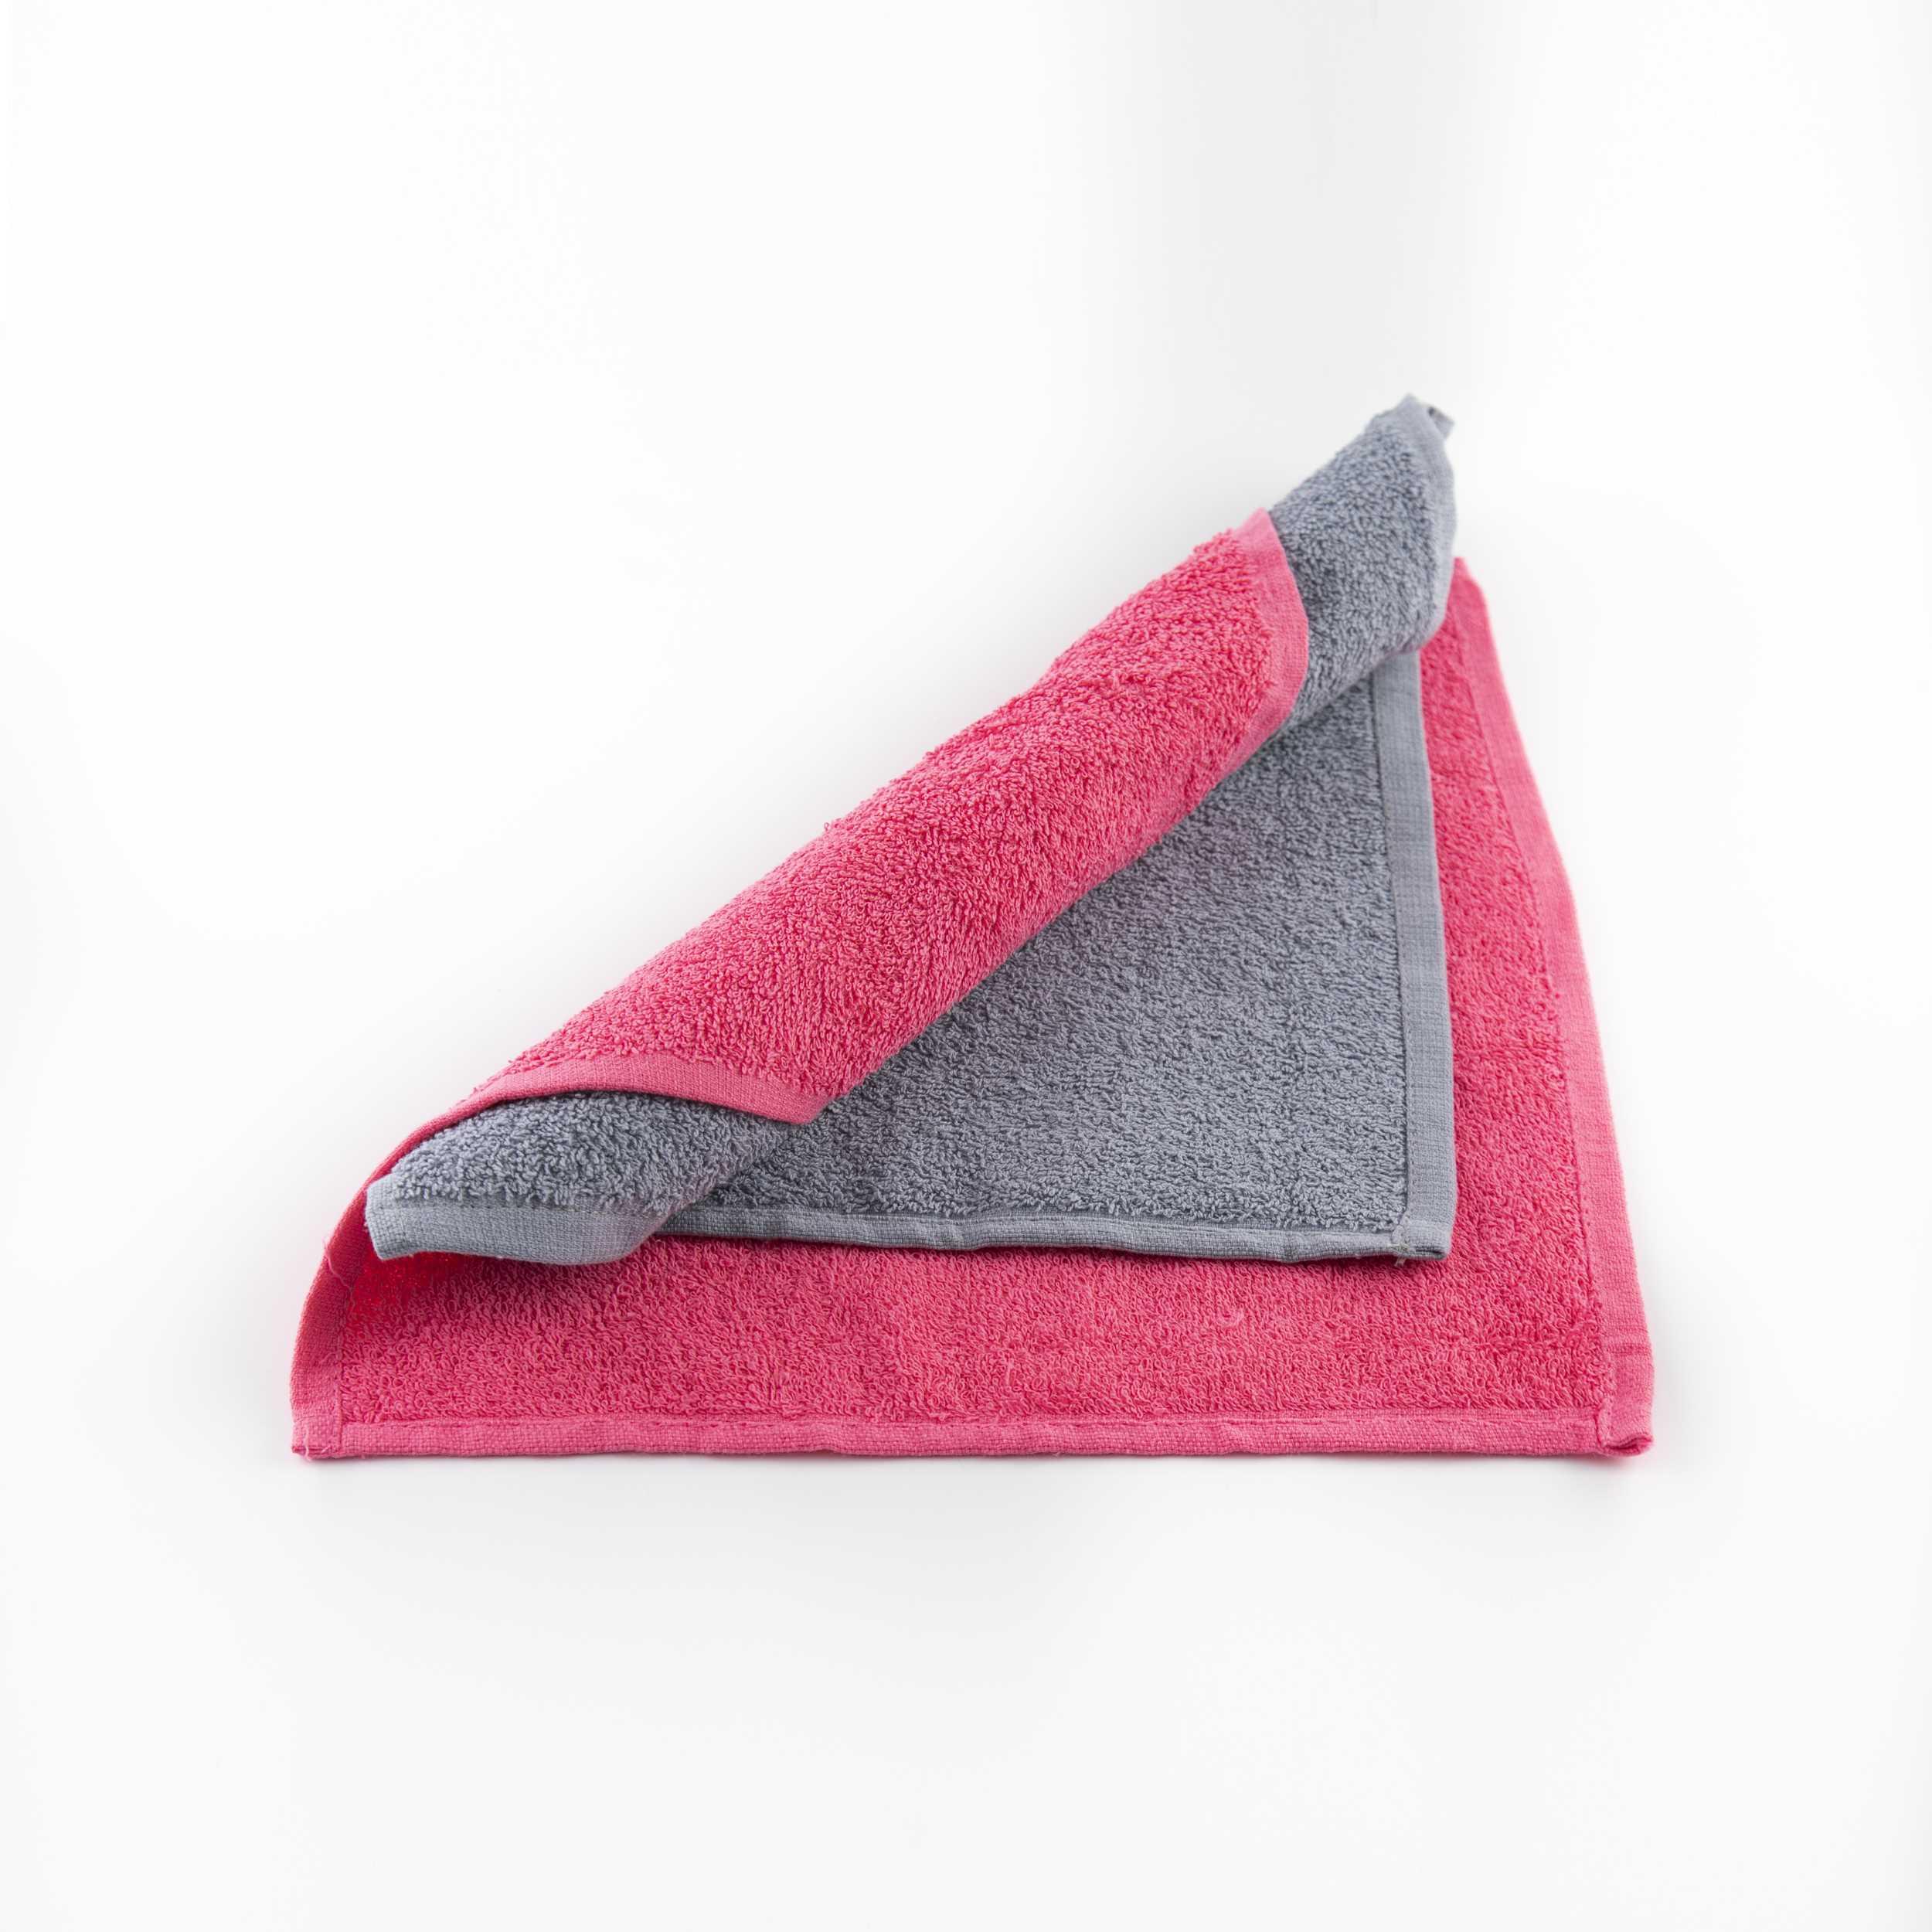 Набор для тахарата (омовения): 2 полотенца (розового и серого цвета) в непромокаемой косметичке